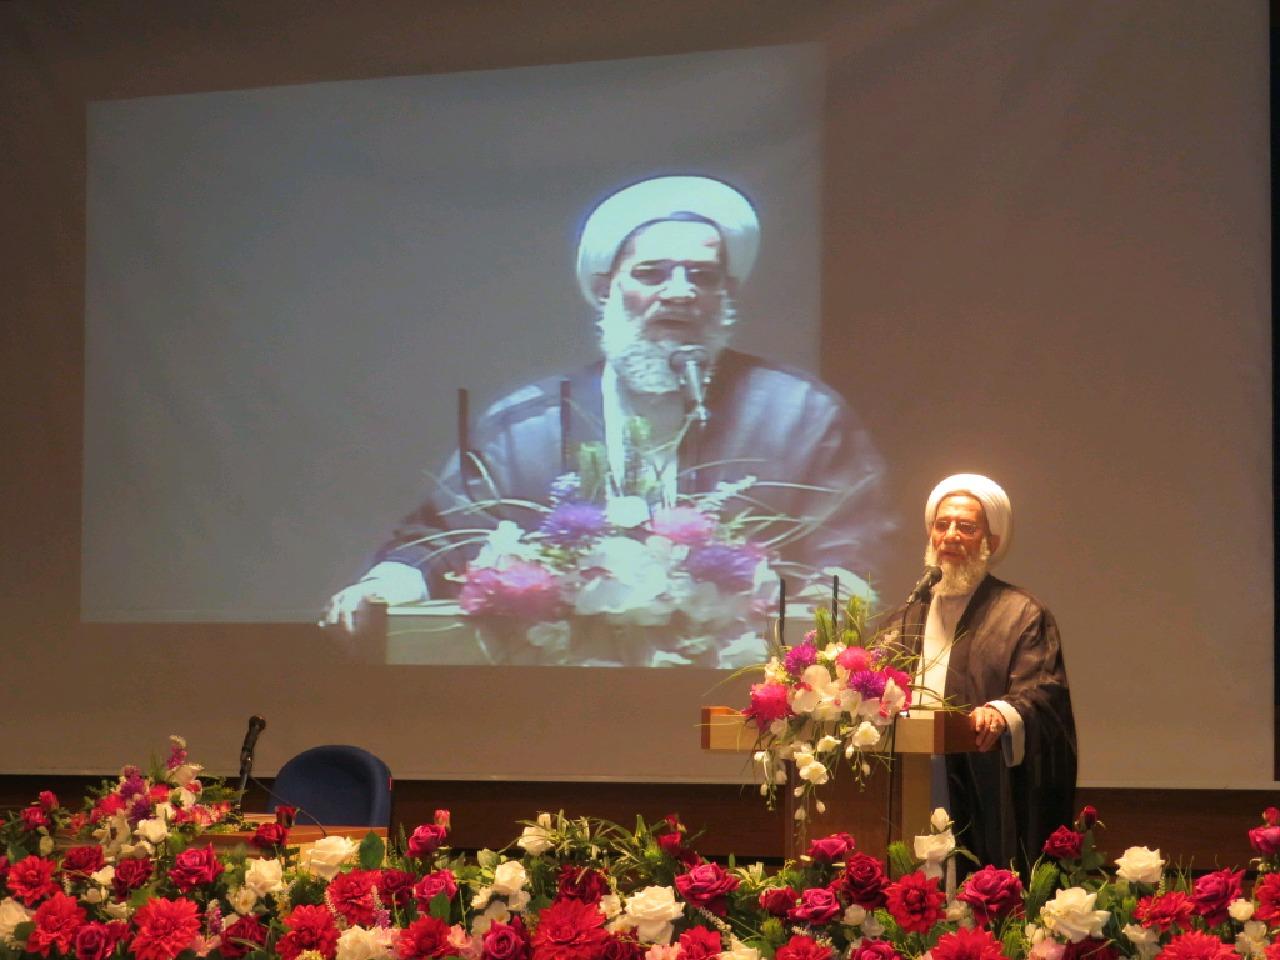 هوانیروز در حوادث طبیعی عصای دست مردم است / نعمت رهبری در آموزه های اسلامی نعمتی بی نظیر است